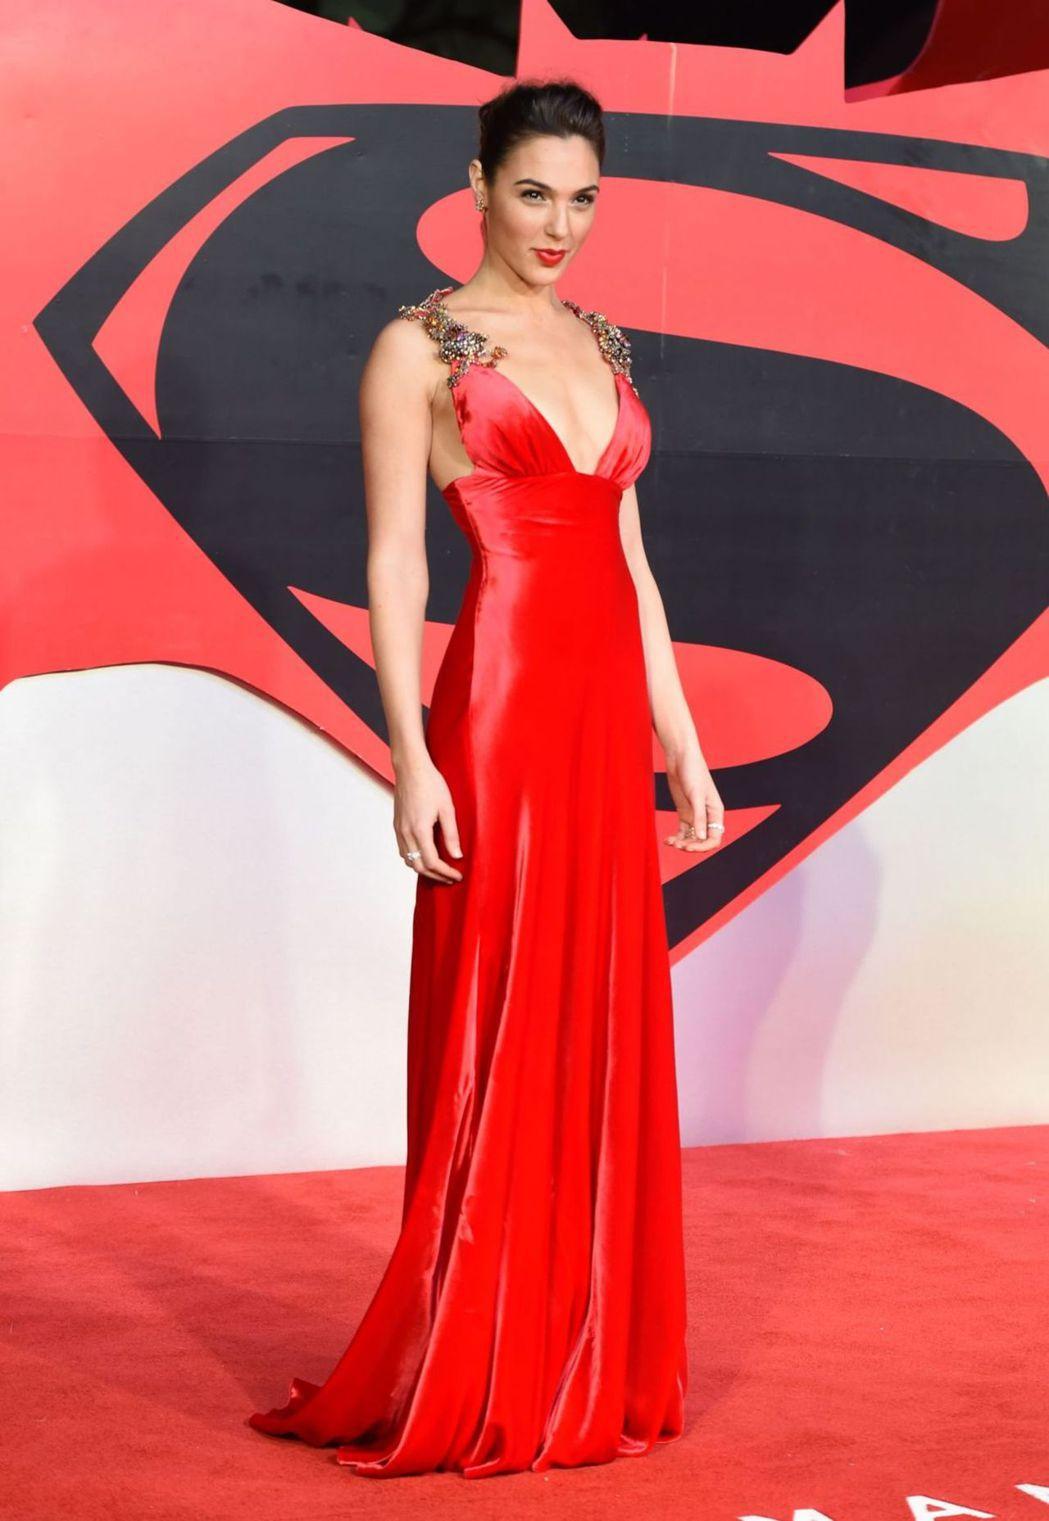 擅長詮釋紅色的蓋兒加朵將Dolce & Gabbana穿得相當性感漂亮。圖/取自...